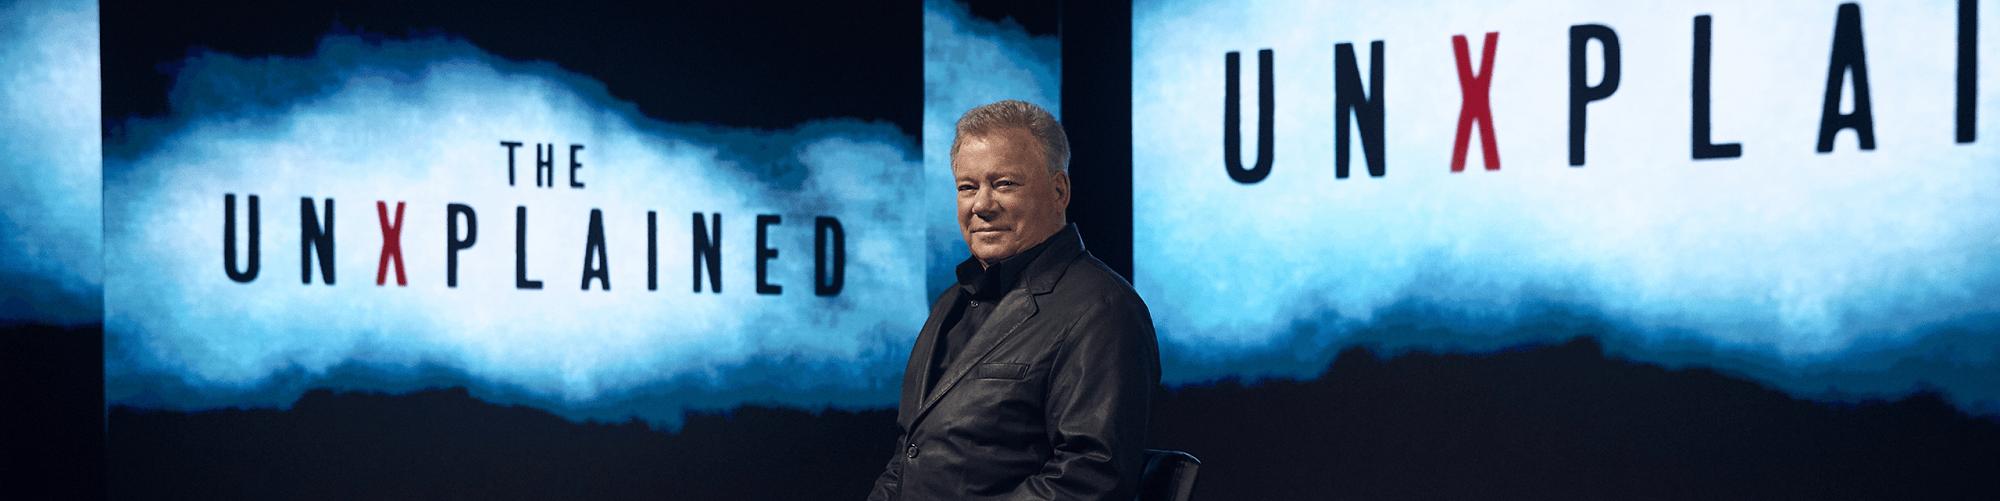 William Shatner: The UnXPlained